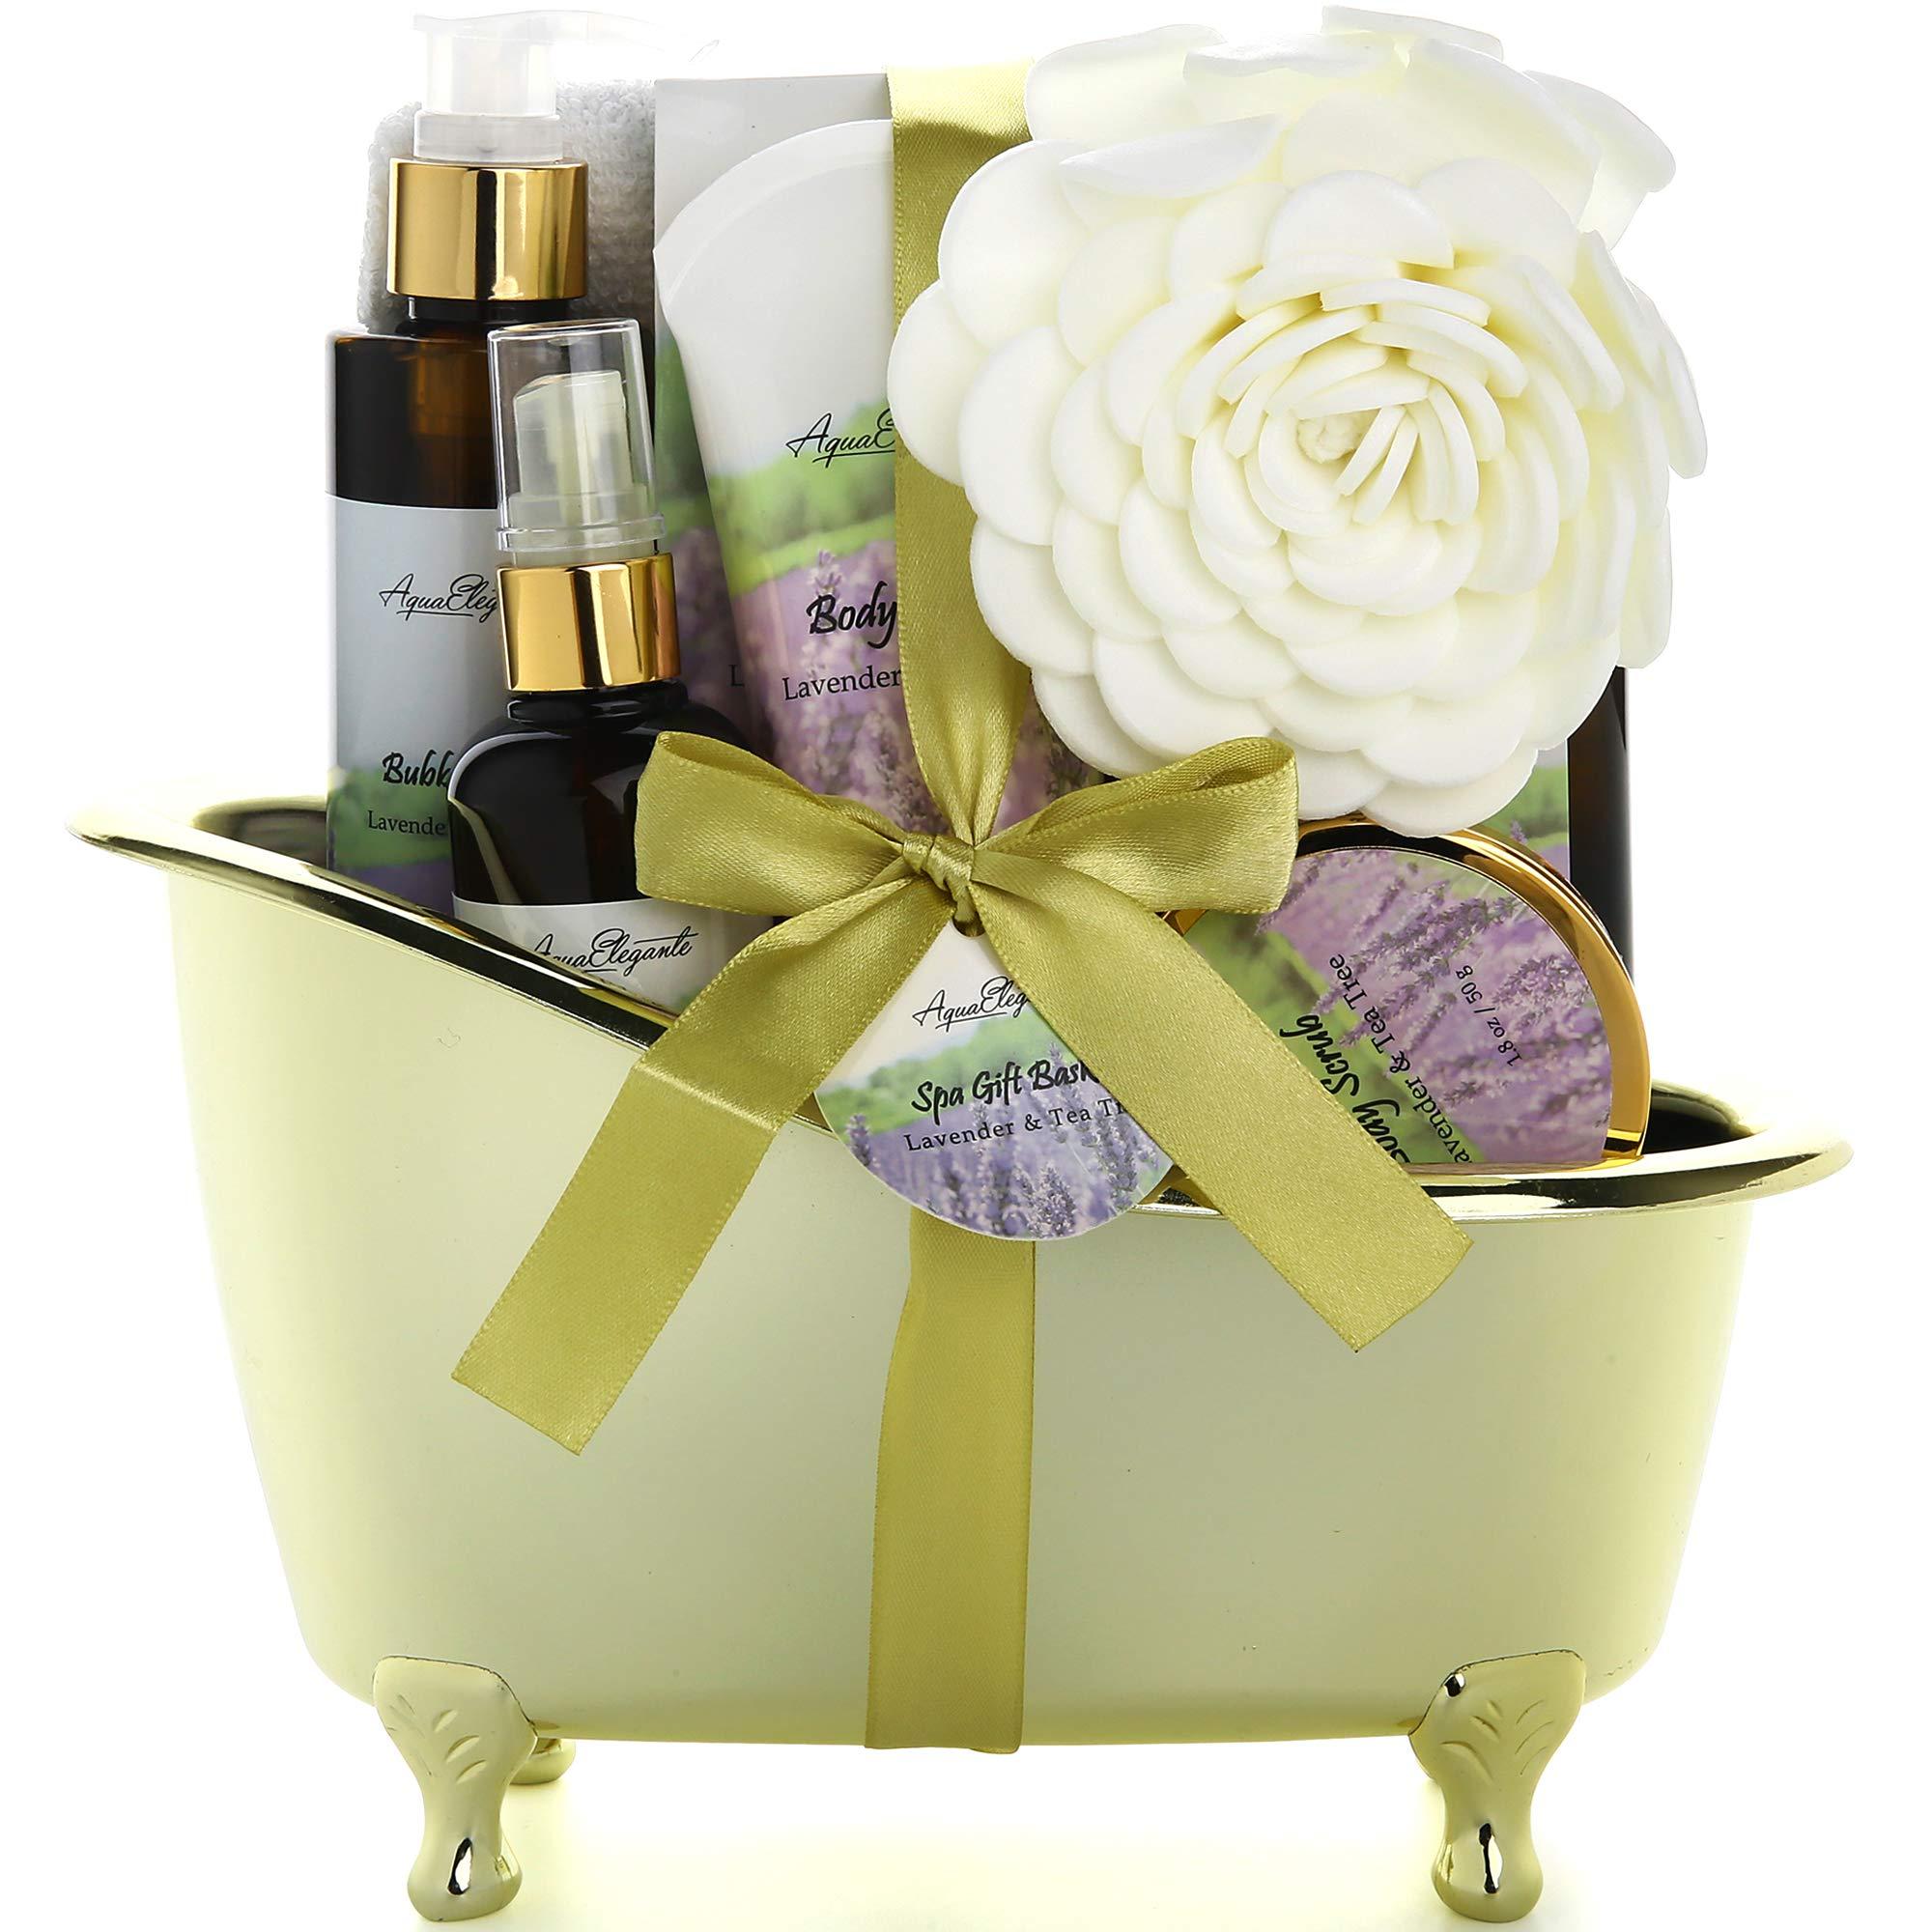 Spa Gift Baskets For Women - Luxury Bath Set With Lavender & Tea Tree Oil - Spa Kit Includes Body Wash, Bubble Bath, Lotion, Bath Salts, Body Scrub, Body Spray, Shower Puff, and Towel by Aqua Elegante